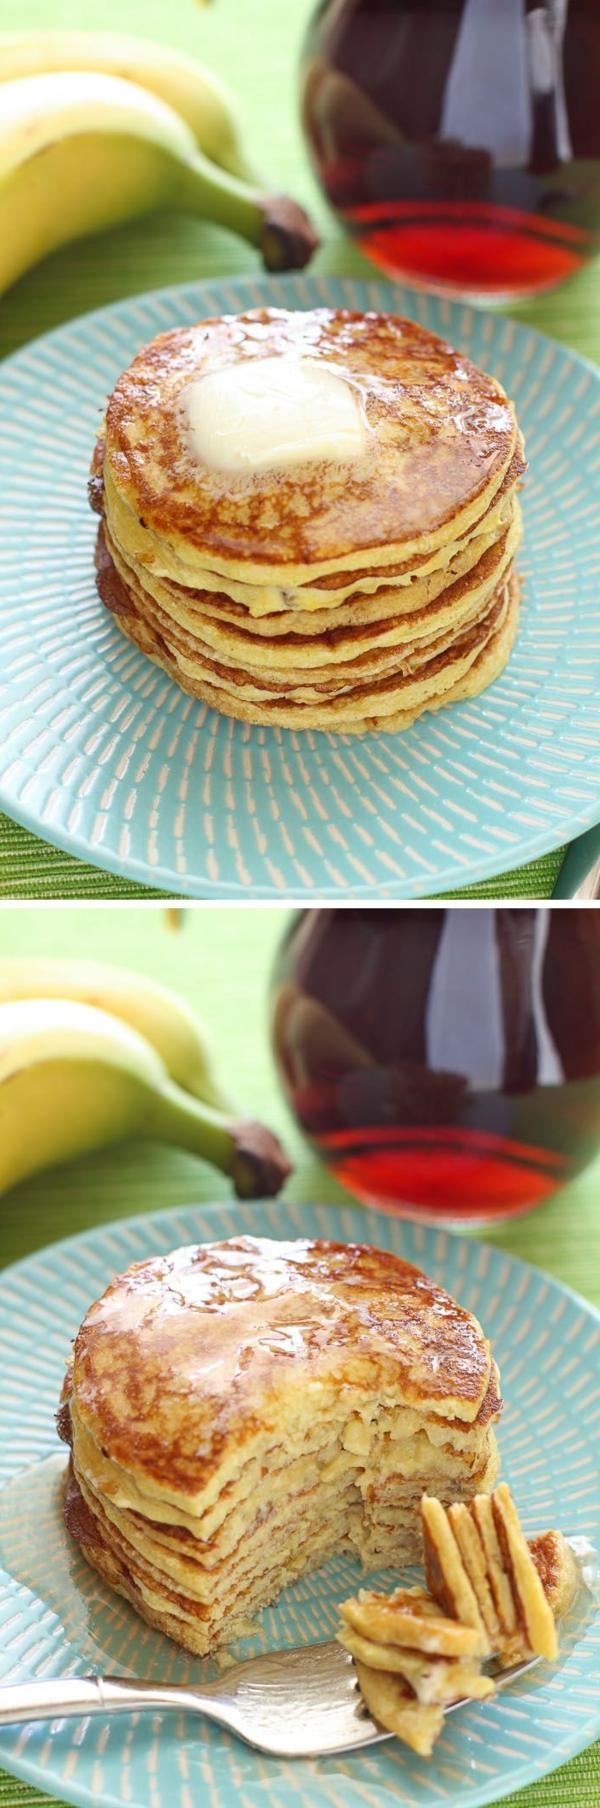 super-leckeres-frühstück-gesundes-frühstück-rezepte-gesunde-frühstücksideen